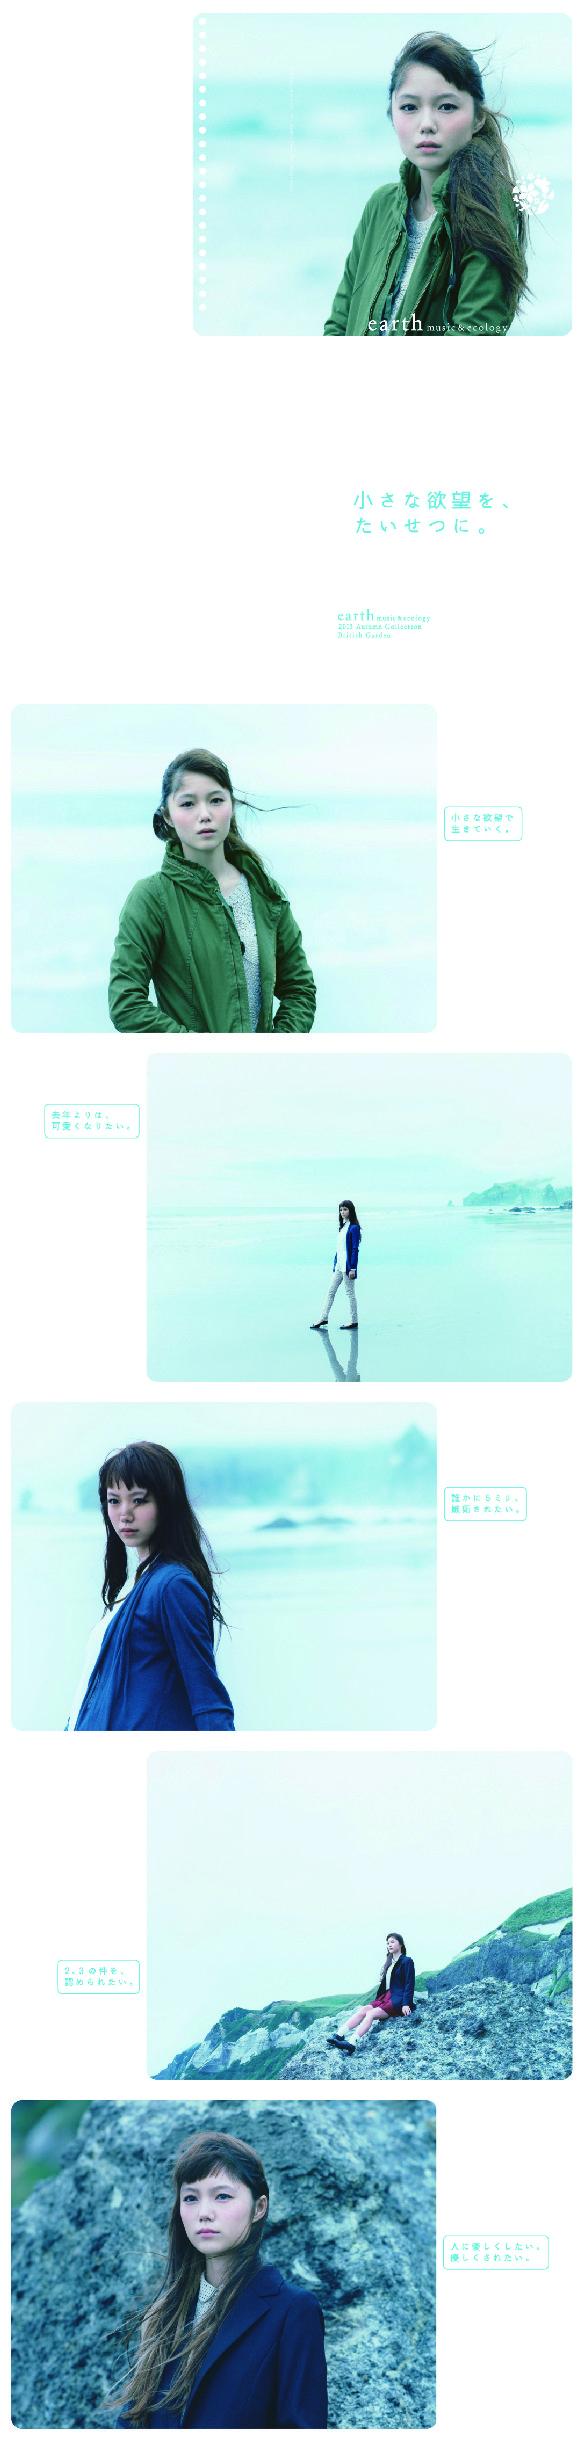 宮﨑あおい earth musicecology (アースミュージック&エコロジー) 2013 秋【1】